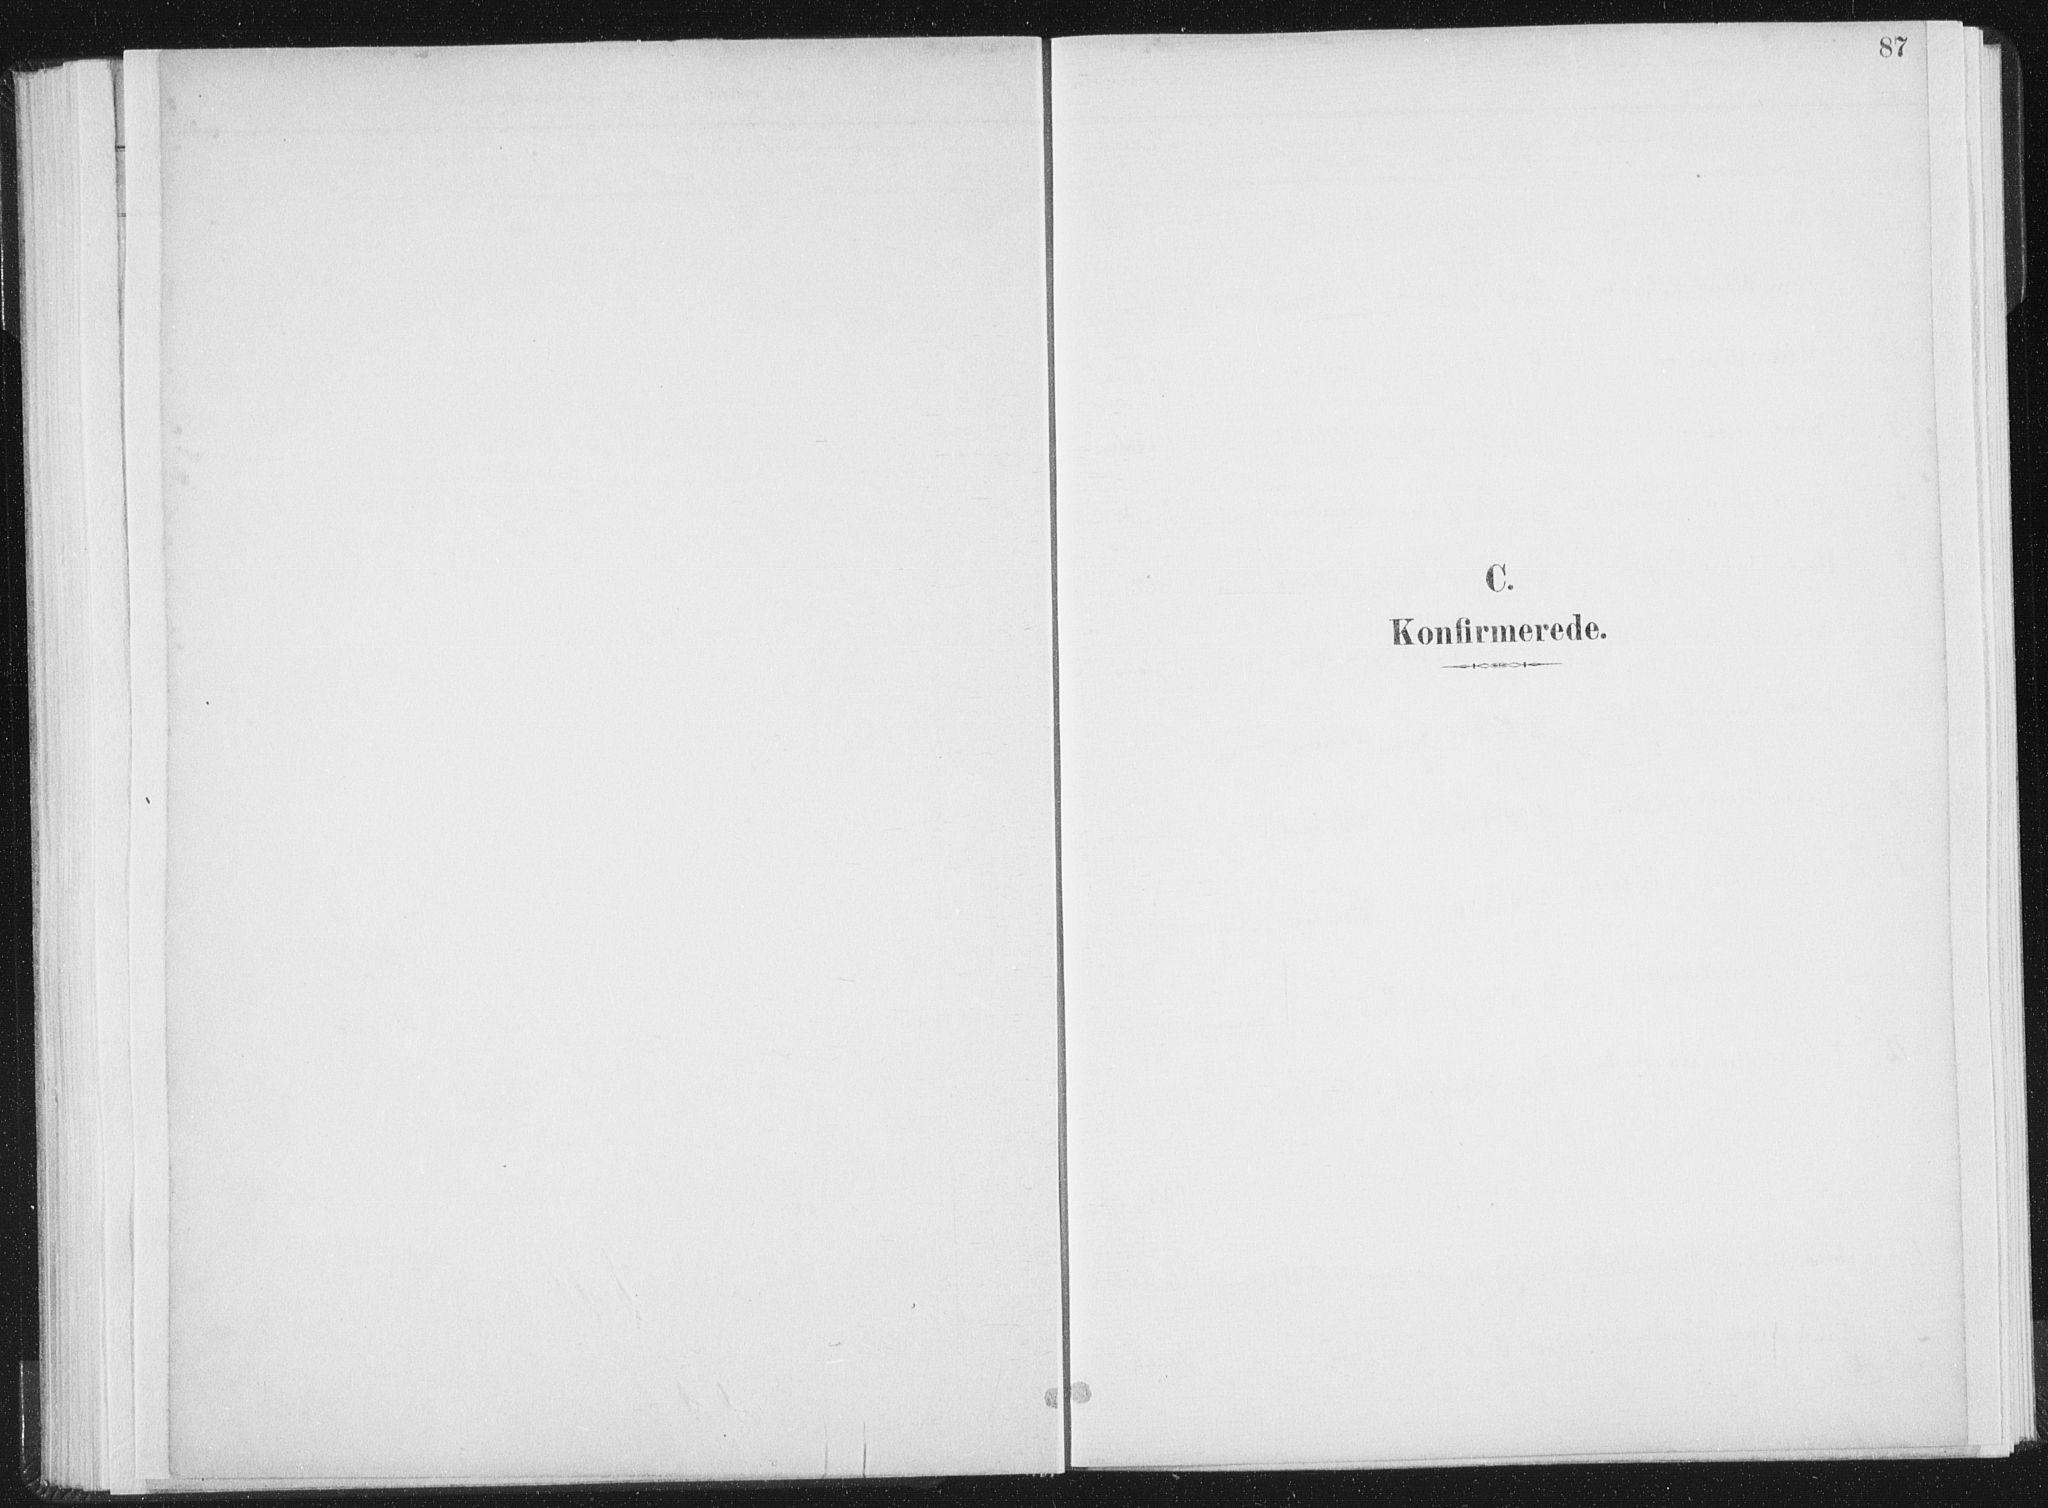 SAT, Ministerialprotokoller, klokkerbøker og fødselsregistre - Nord-Trøndelag, 771/L0597: Ministerialbok nr. 771A04, 1885-1910, s. 87